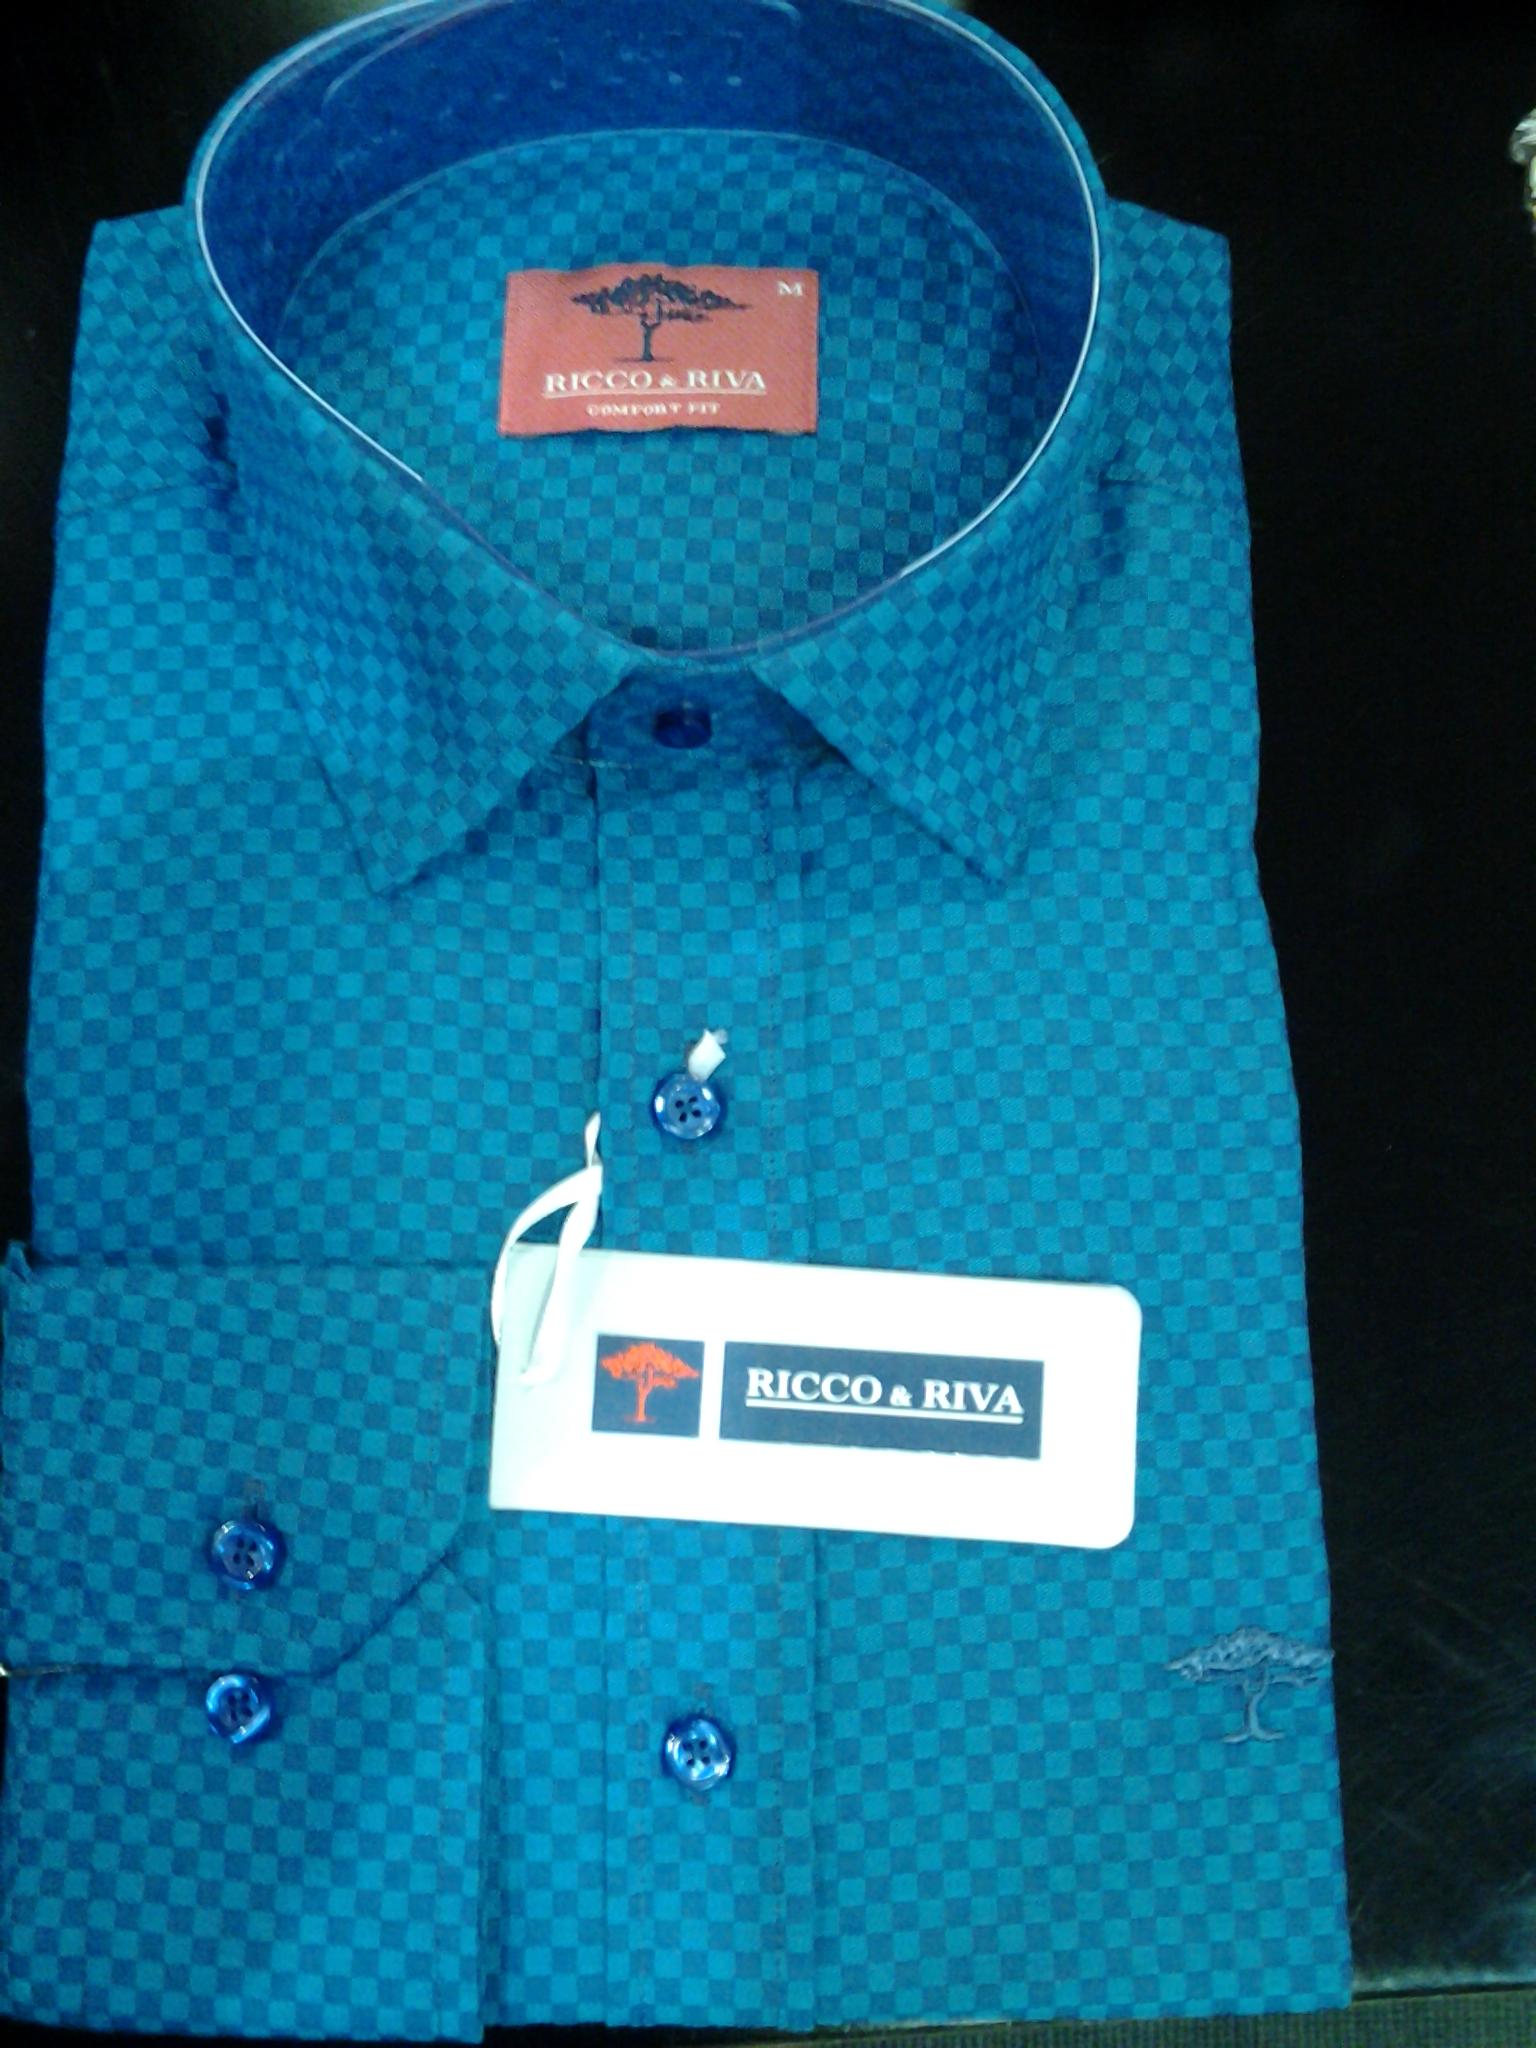 découvrez aussi la chemise bleue